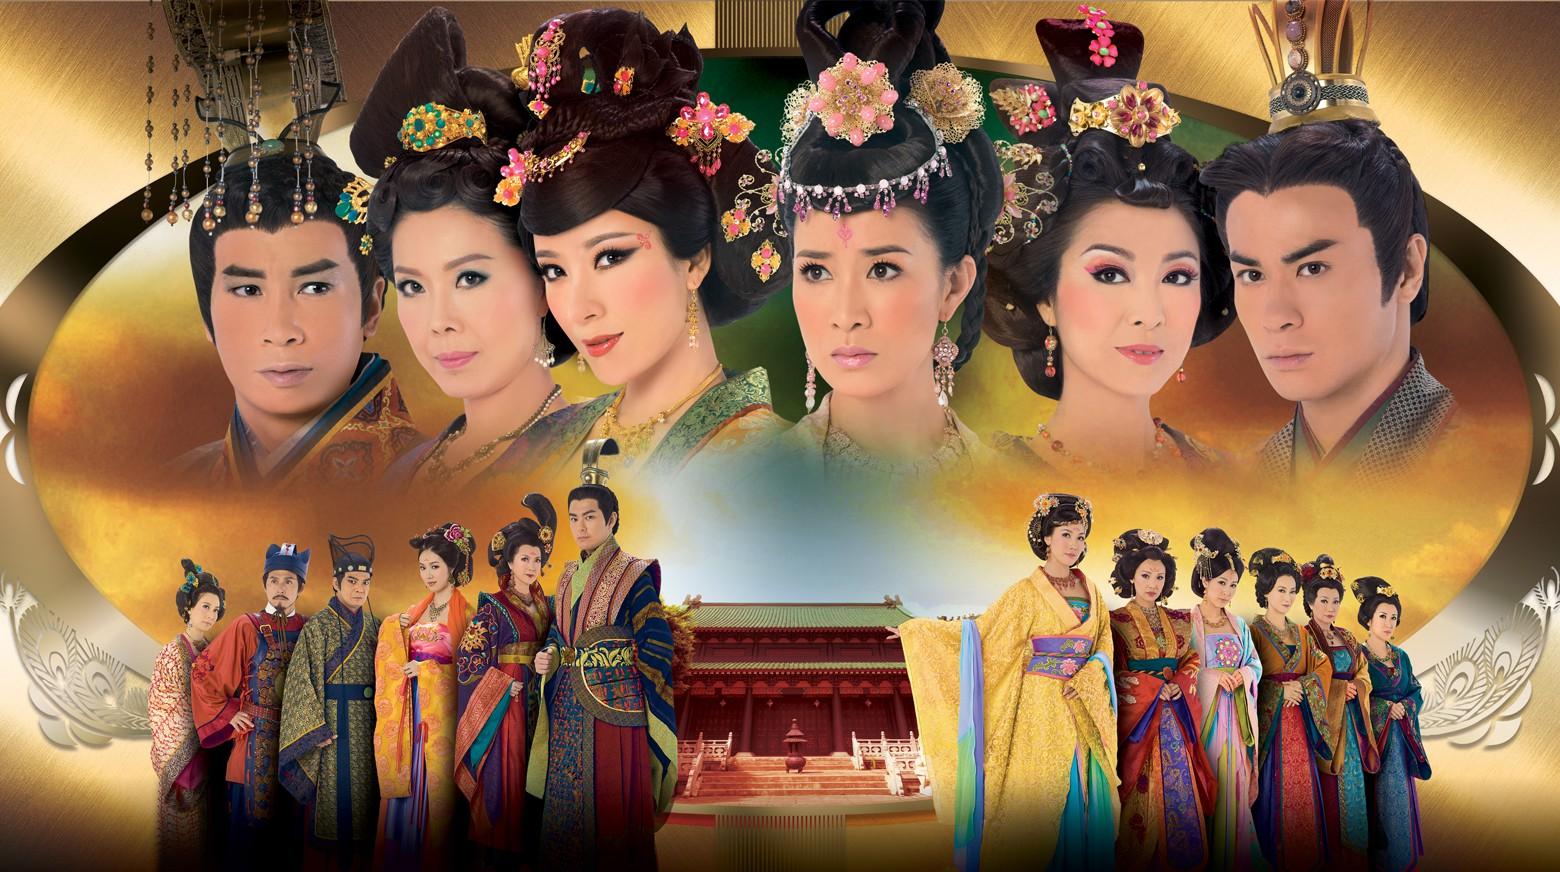 8 truyền kỳ phim cung đấu từng làm mưa làm gió trên màn ảnh xứ Trung (Phần 1) - Ảnh 8.